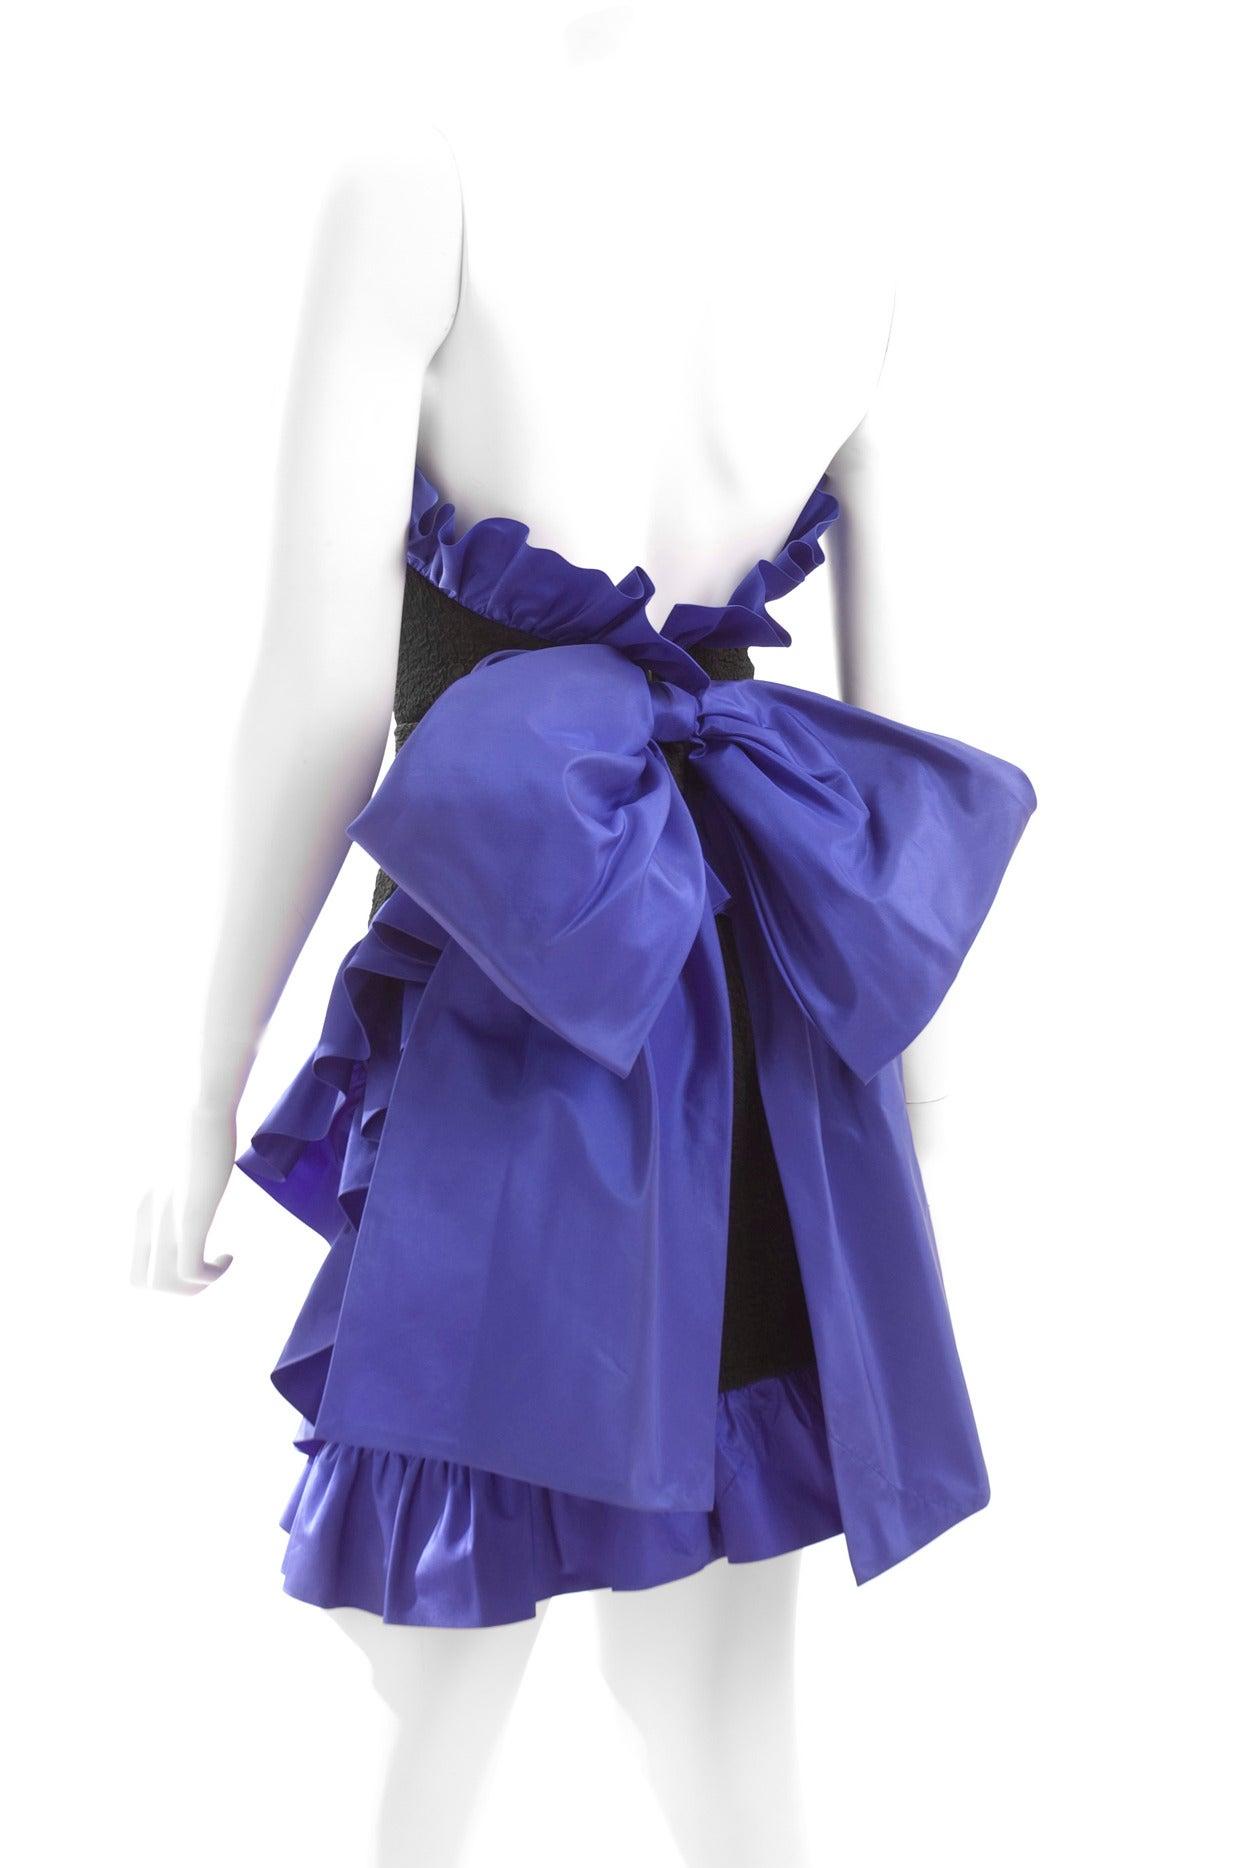 1987 Yves Saint Laurent Cocktail Dress 7